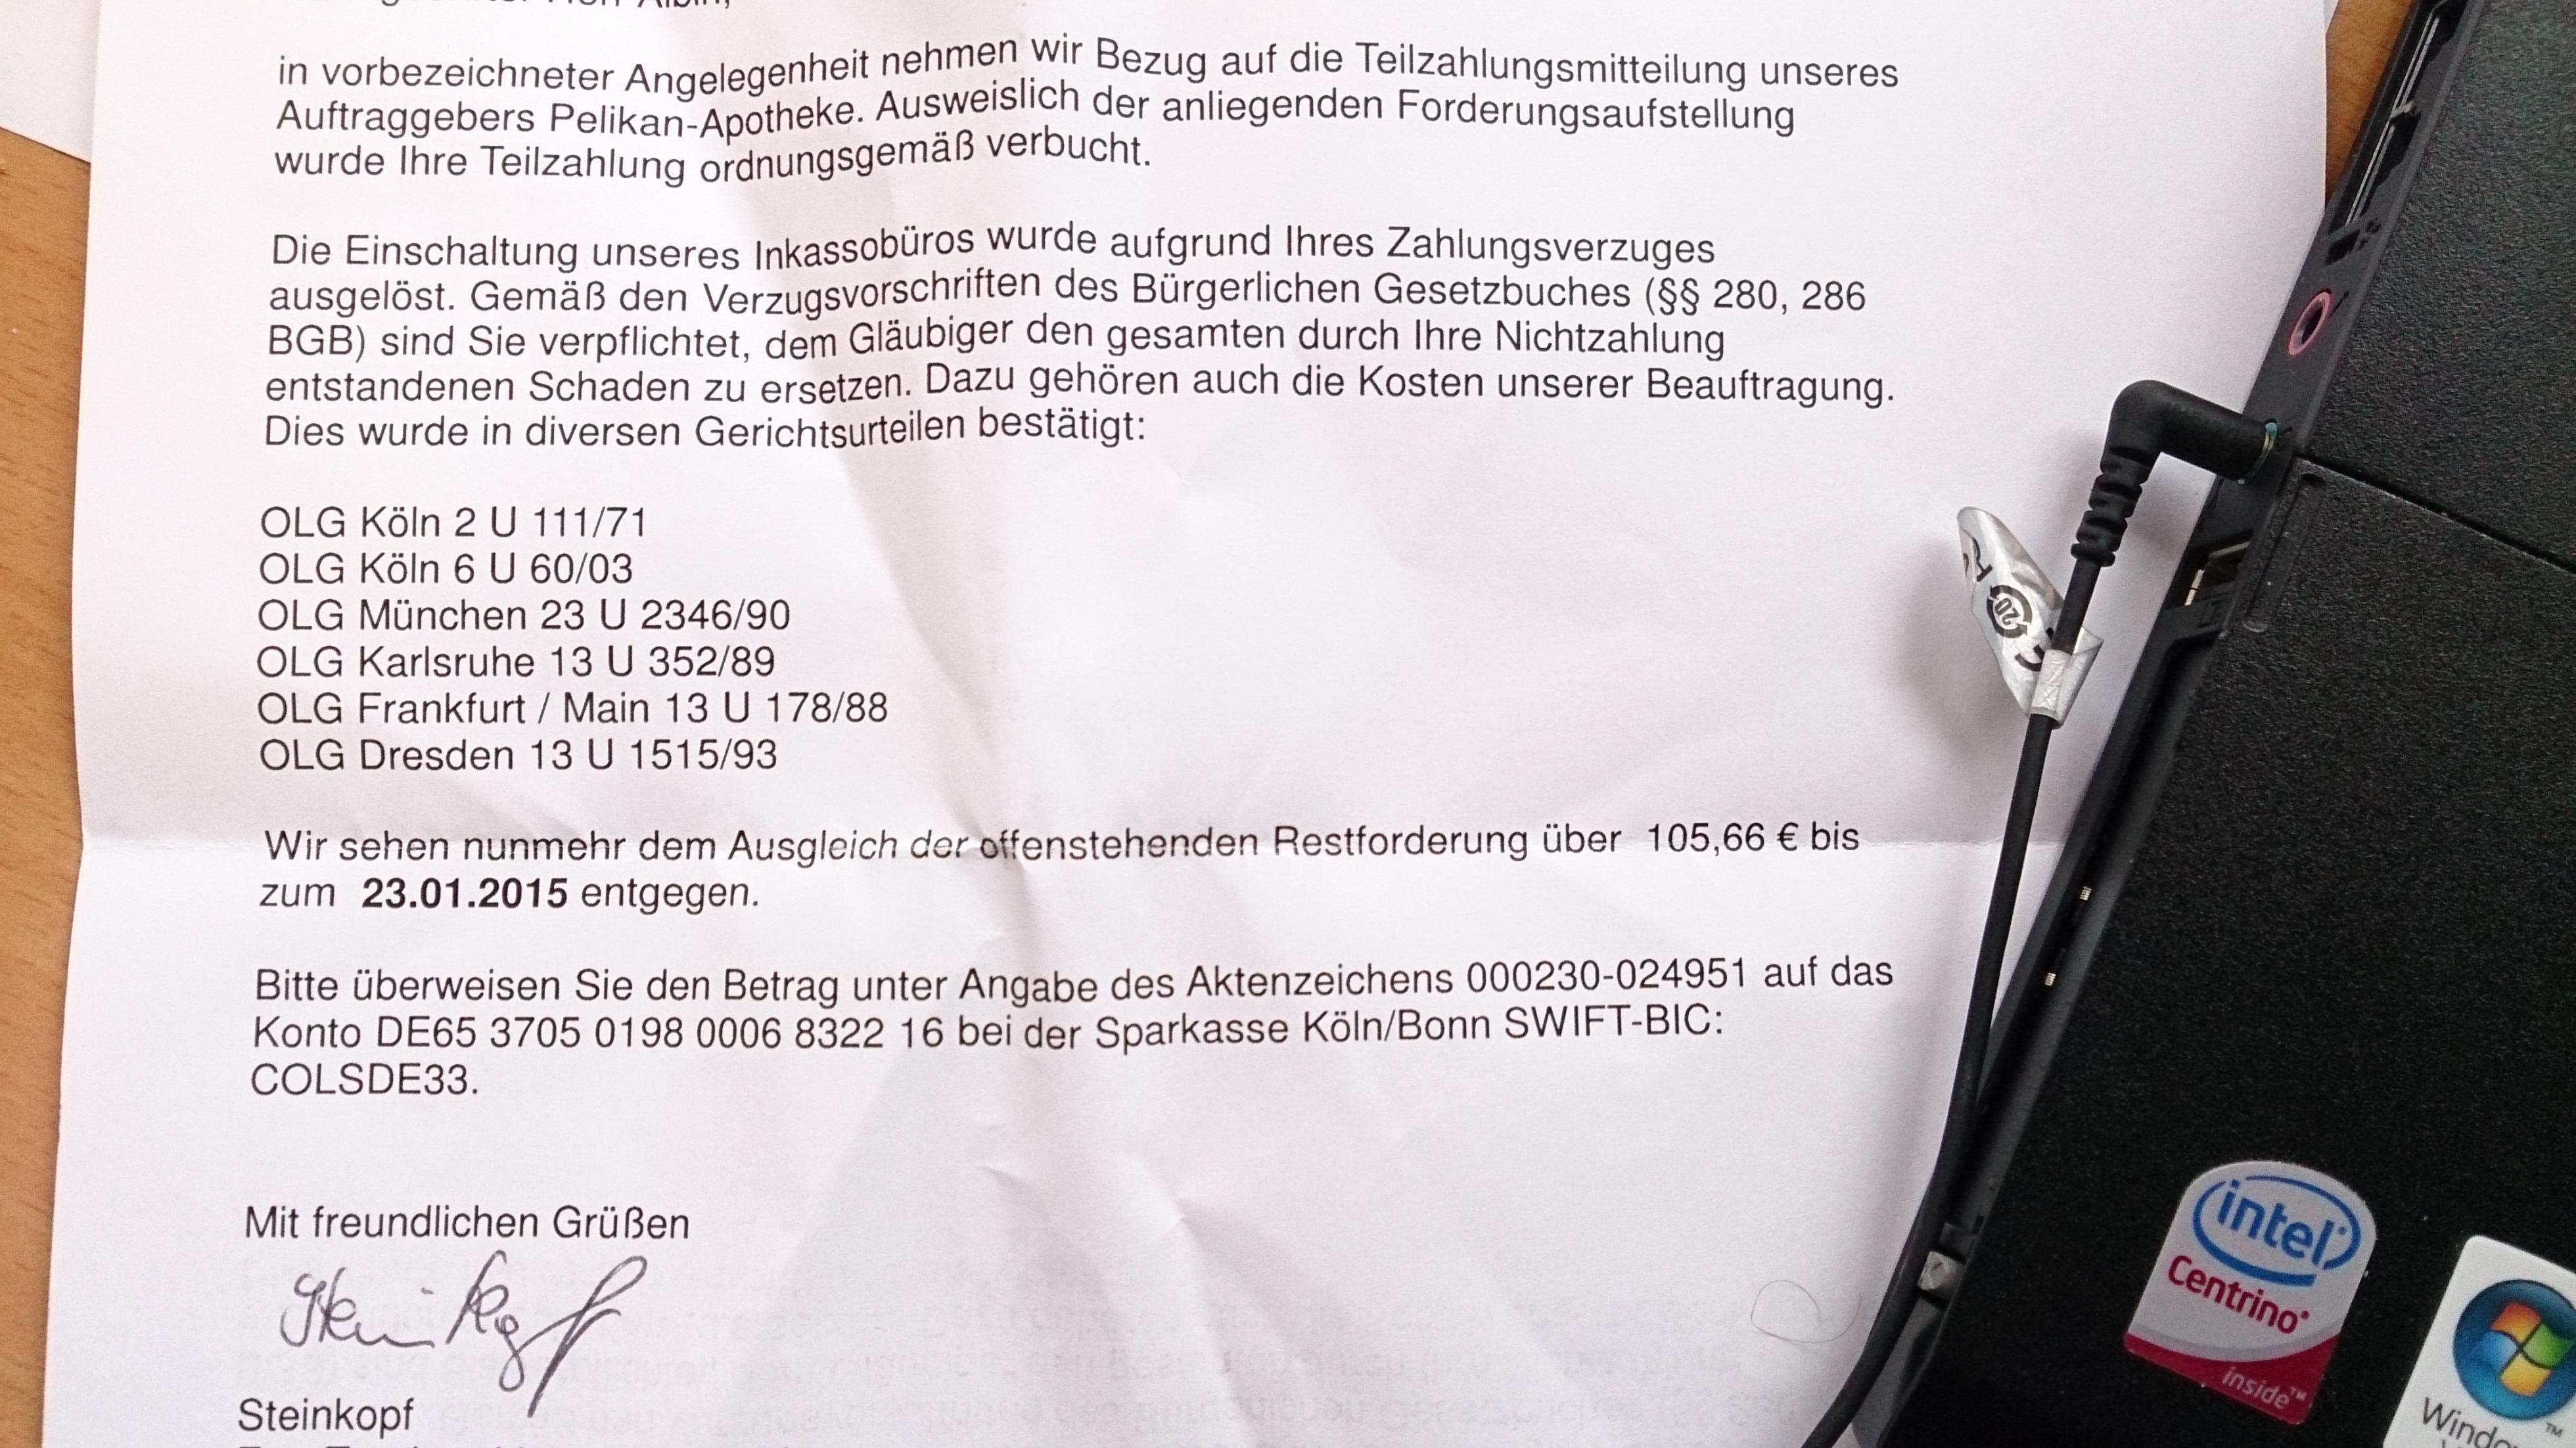 Forderung Euro Treuhand Inkasso Forum 123rechtde